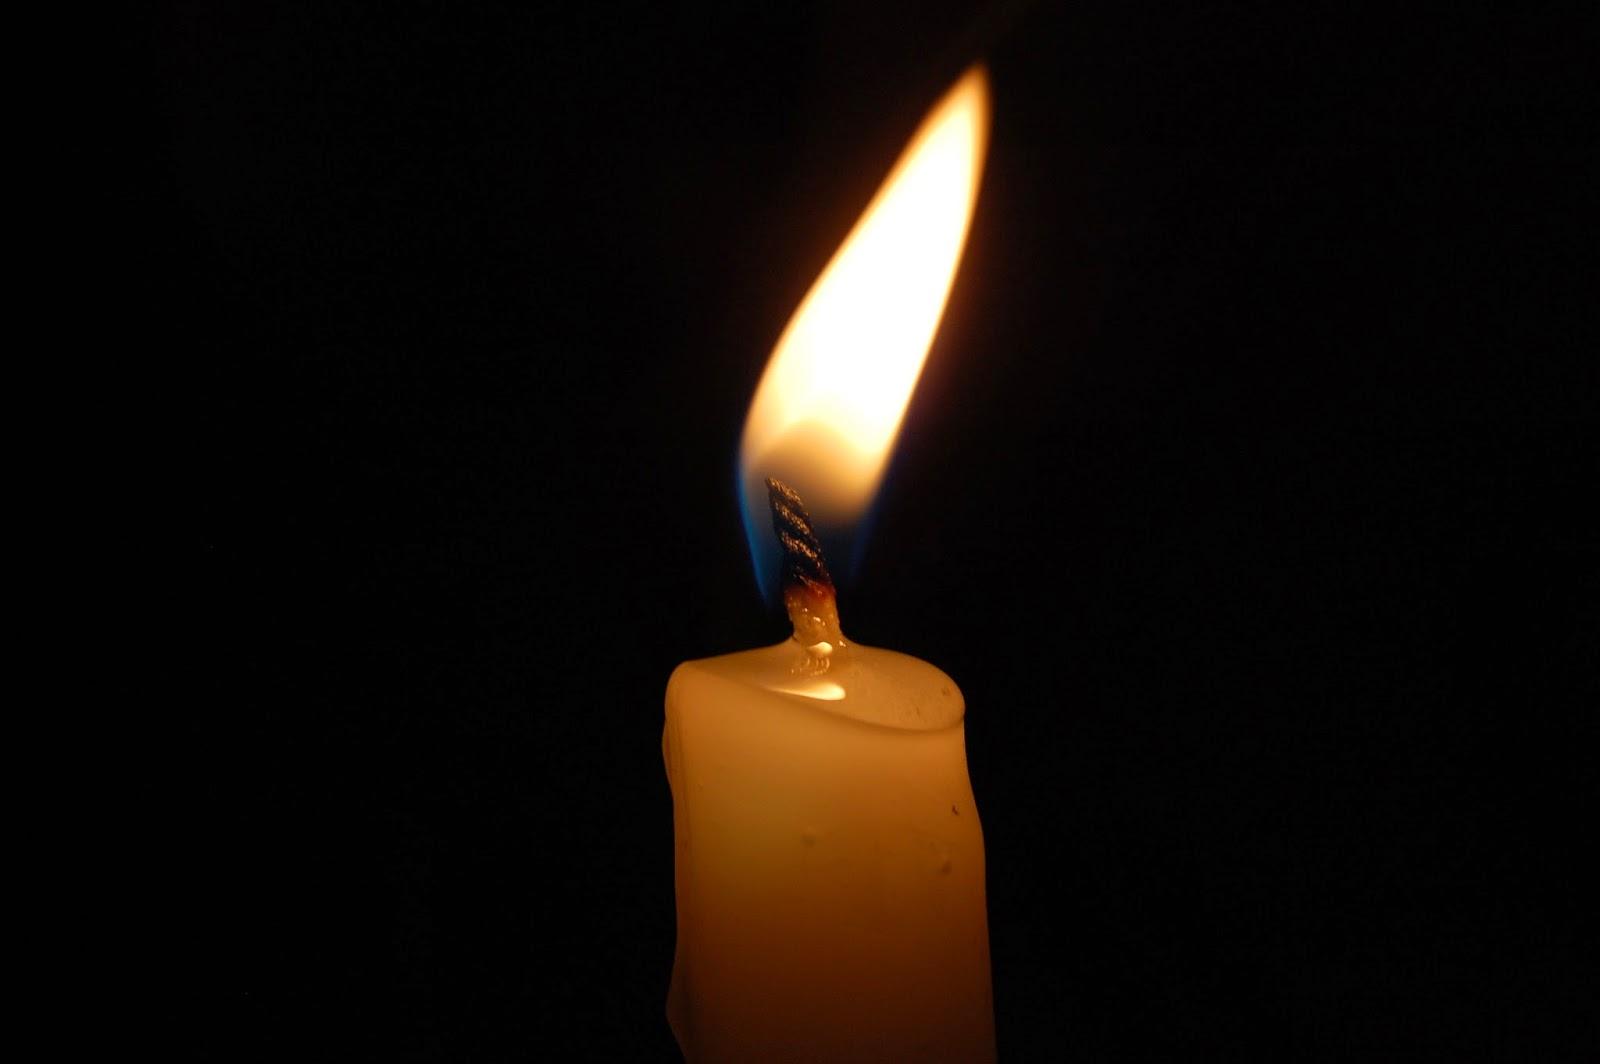 Instalaciones eléctricas residenciales - vela encendida